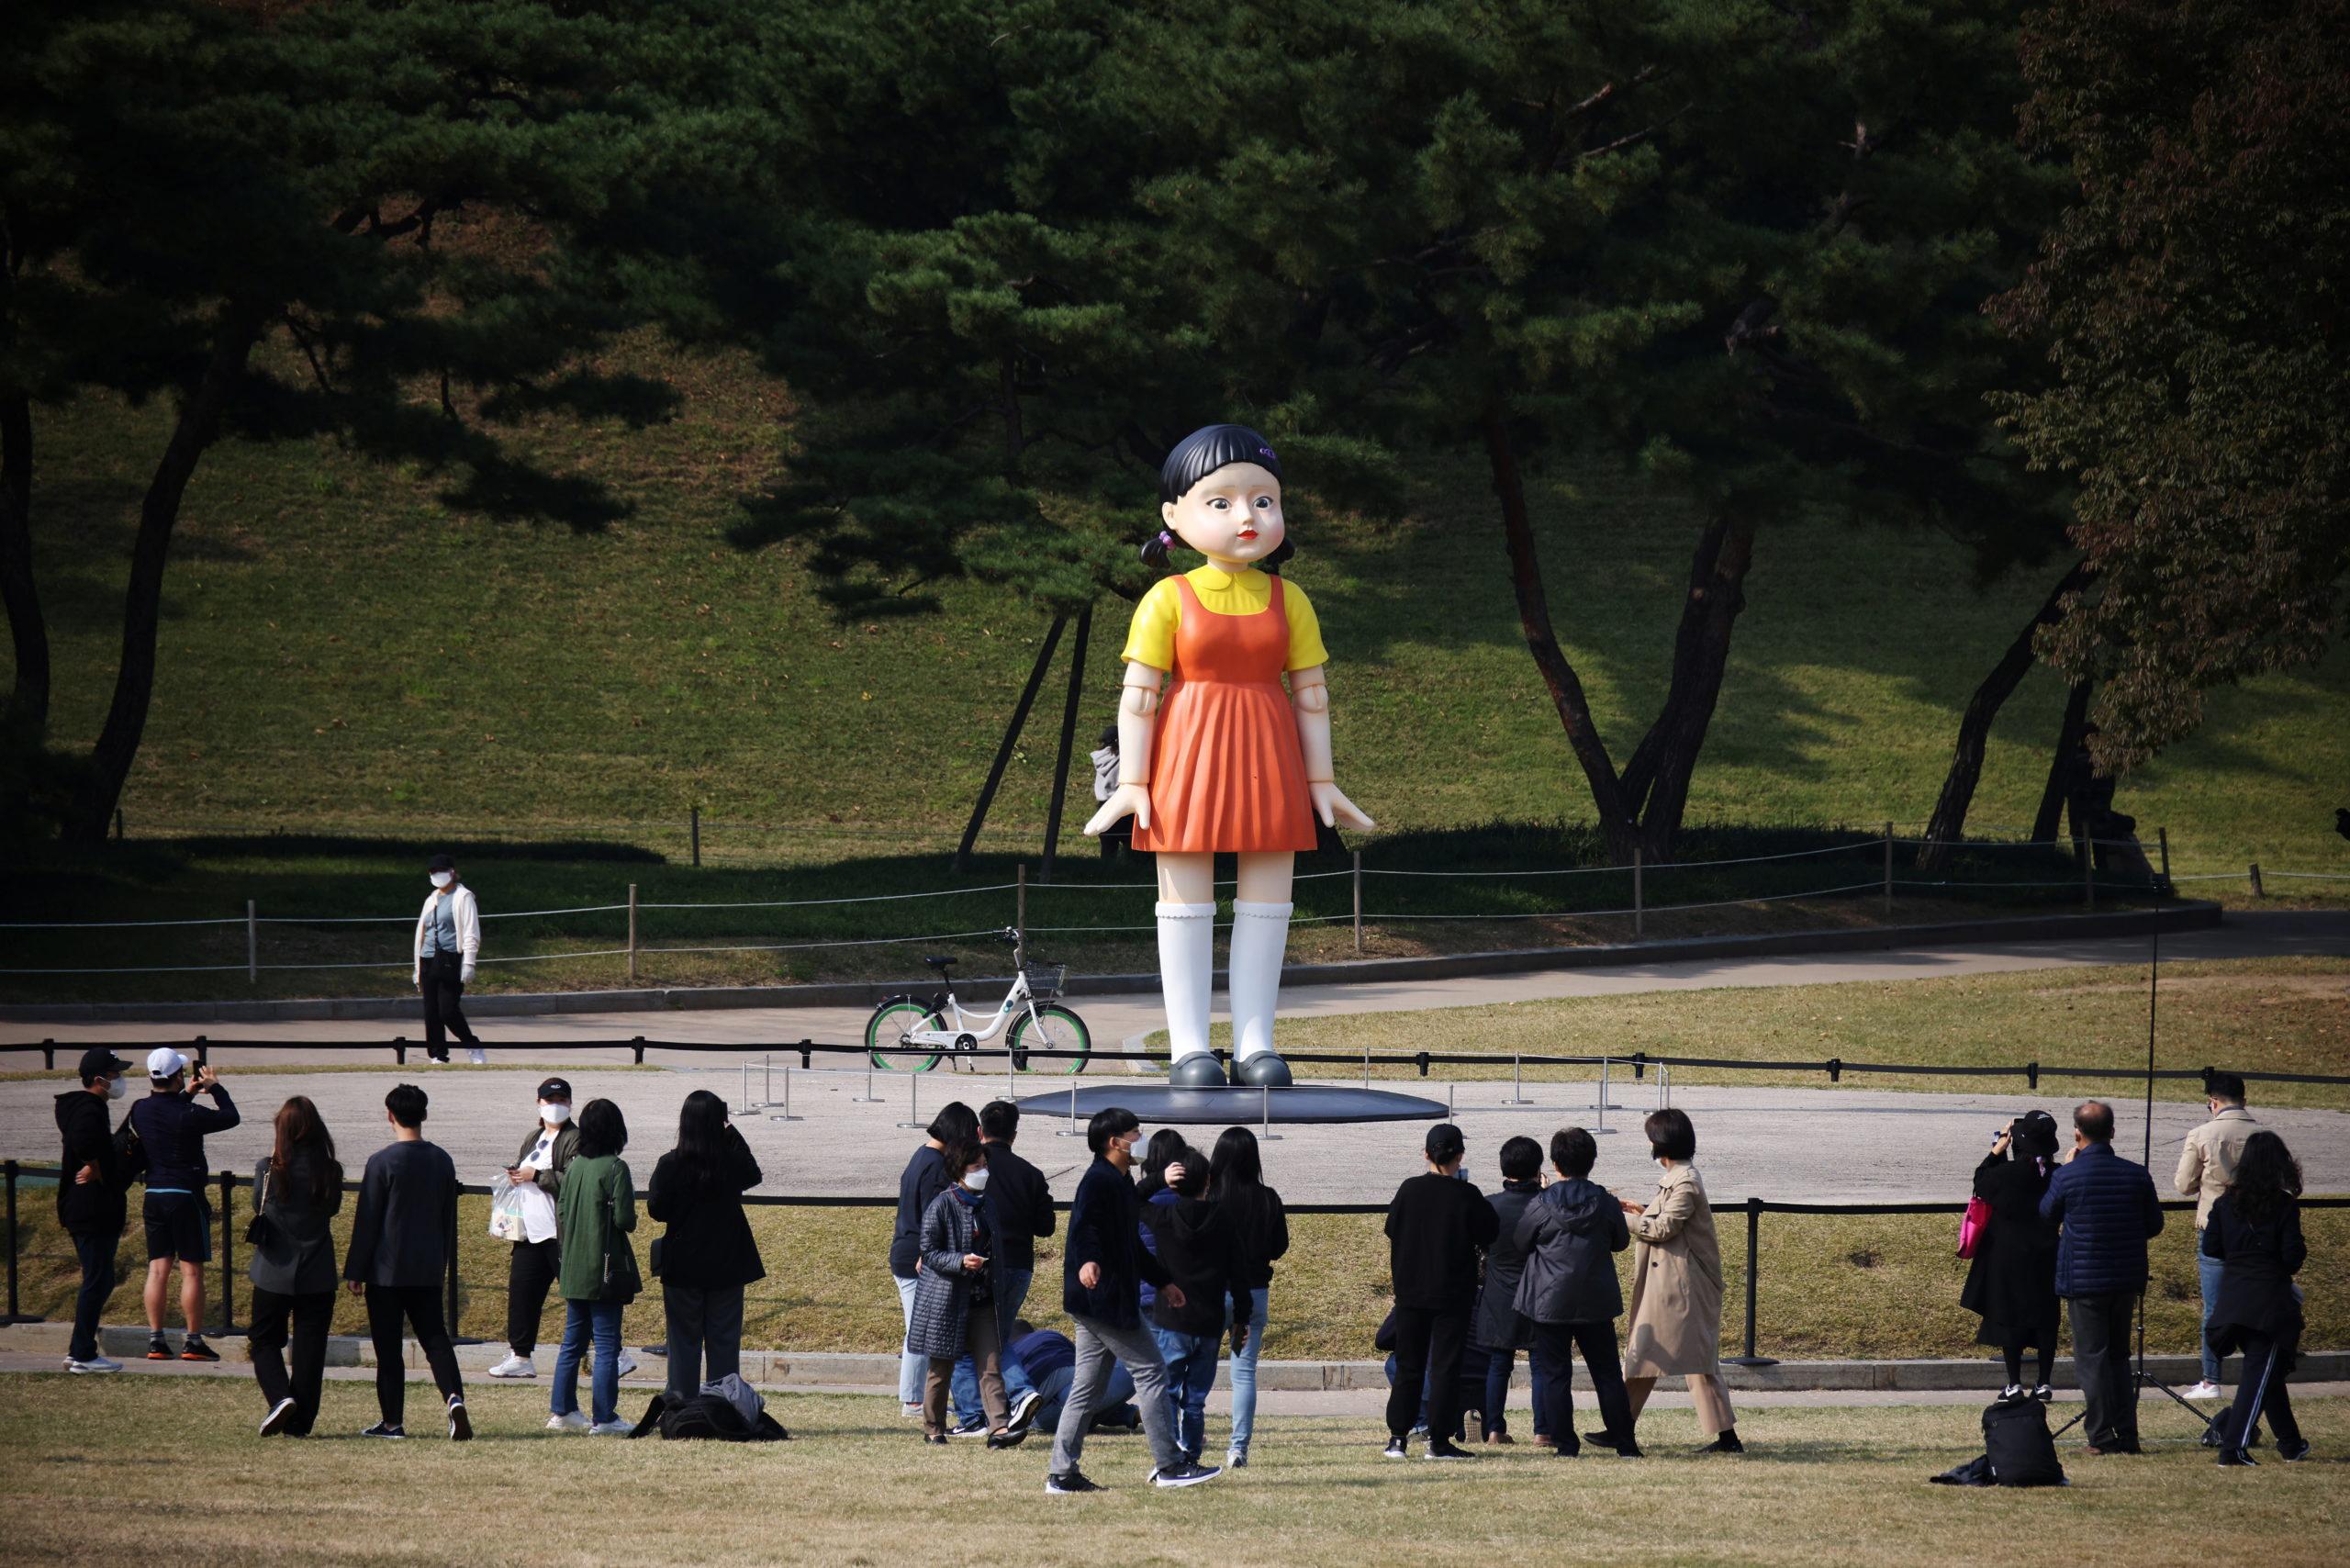 'Luz roja, luz verde': Netflix instala muñeca de 'El juego del calamar' en Seúl